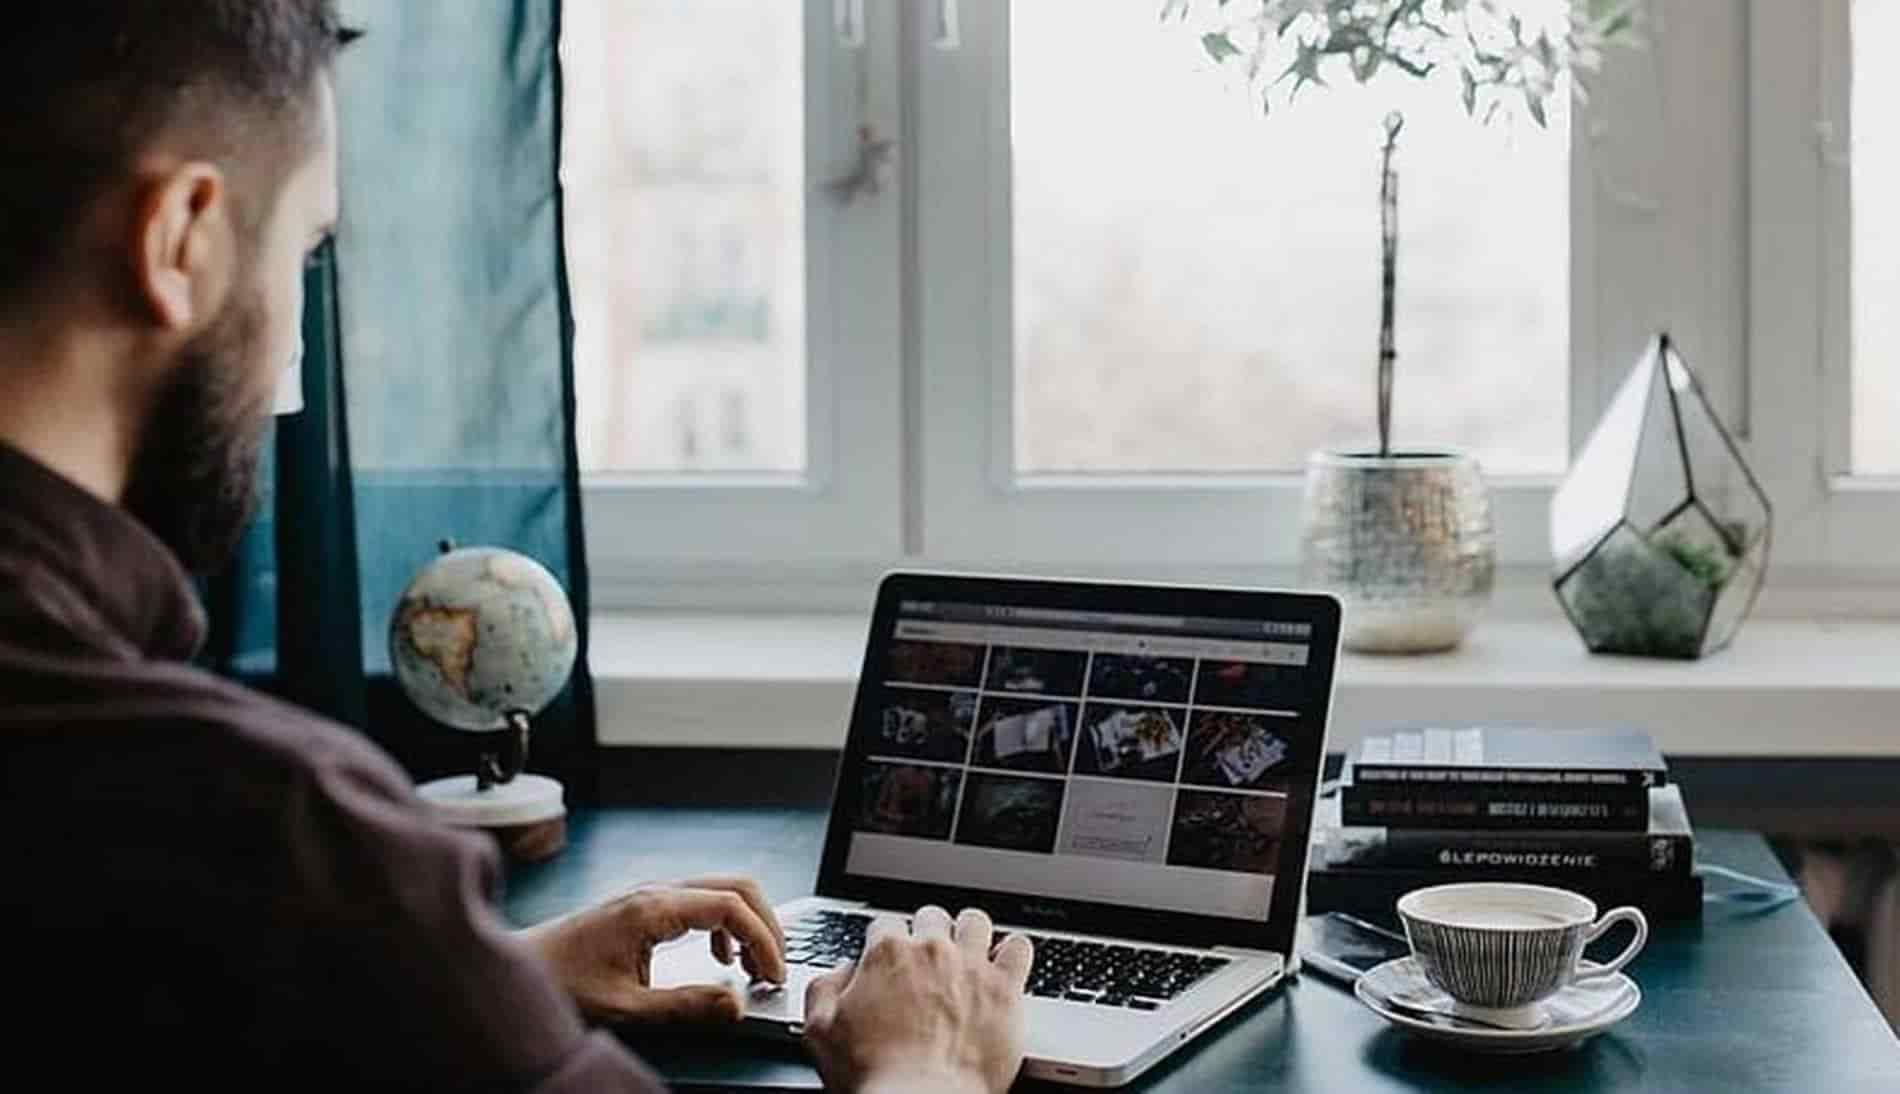 Cómo lograr un home office productivo frente al COVID-19?